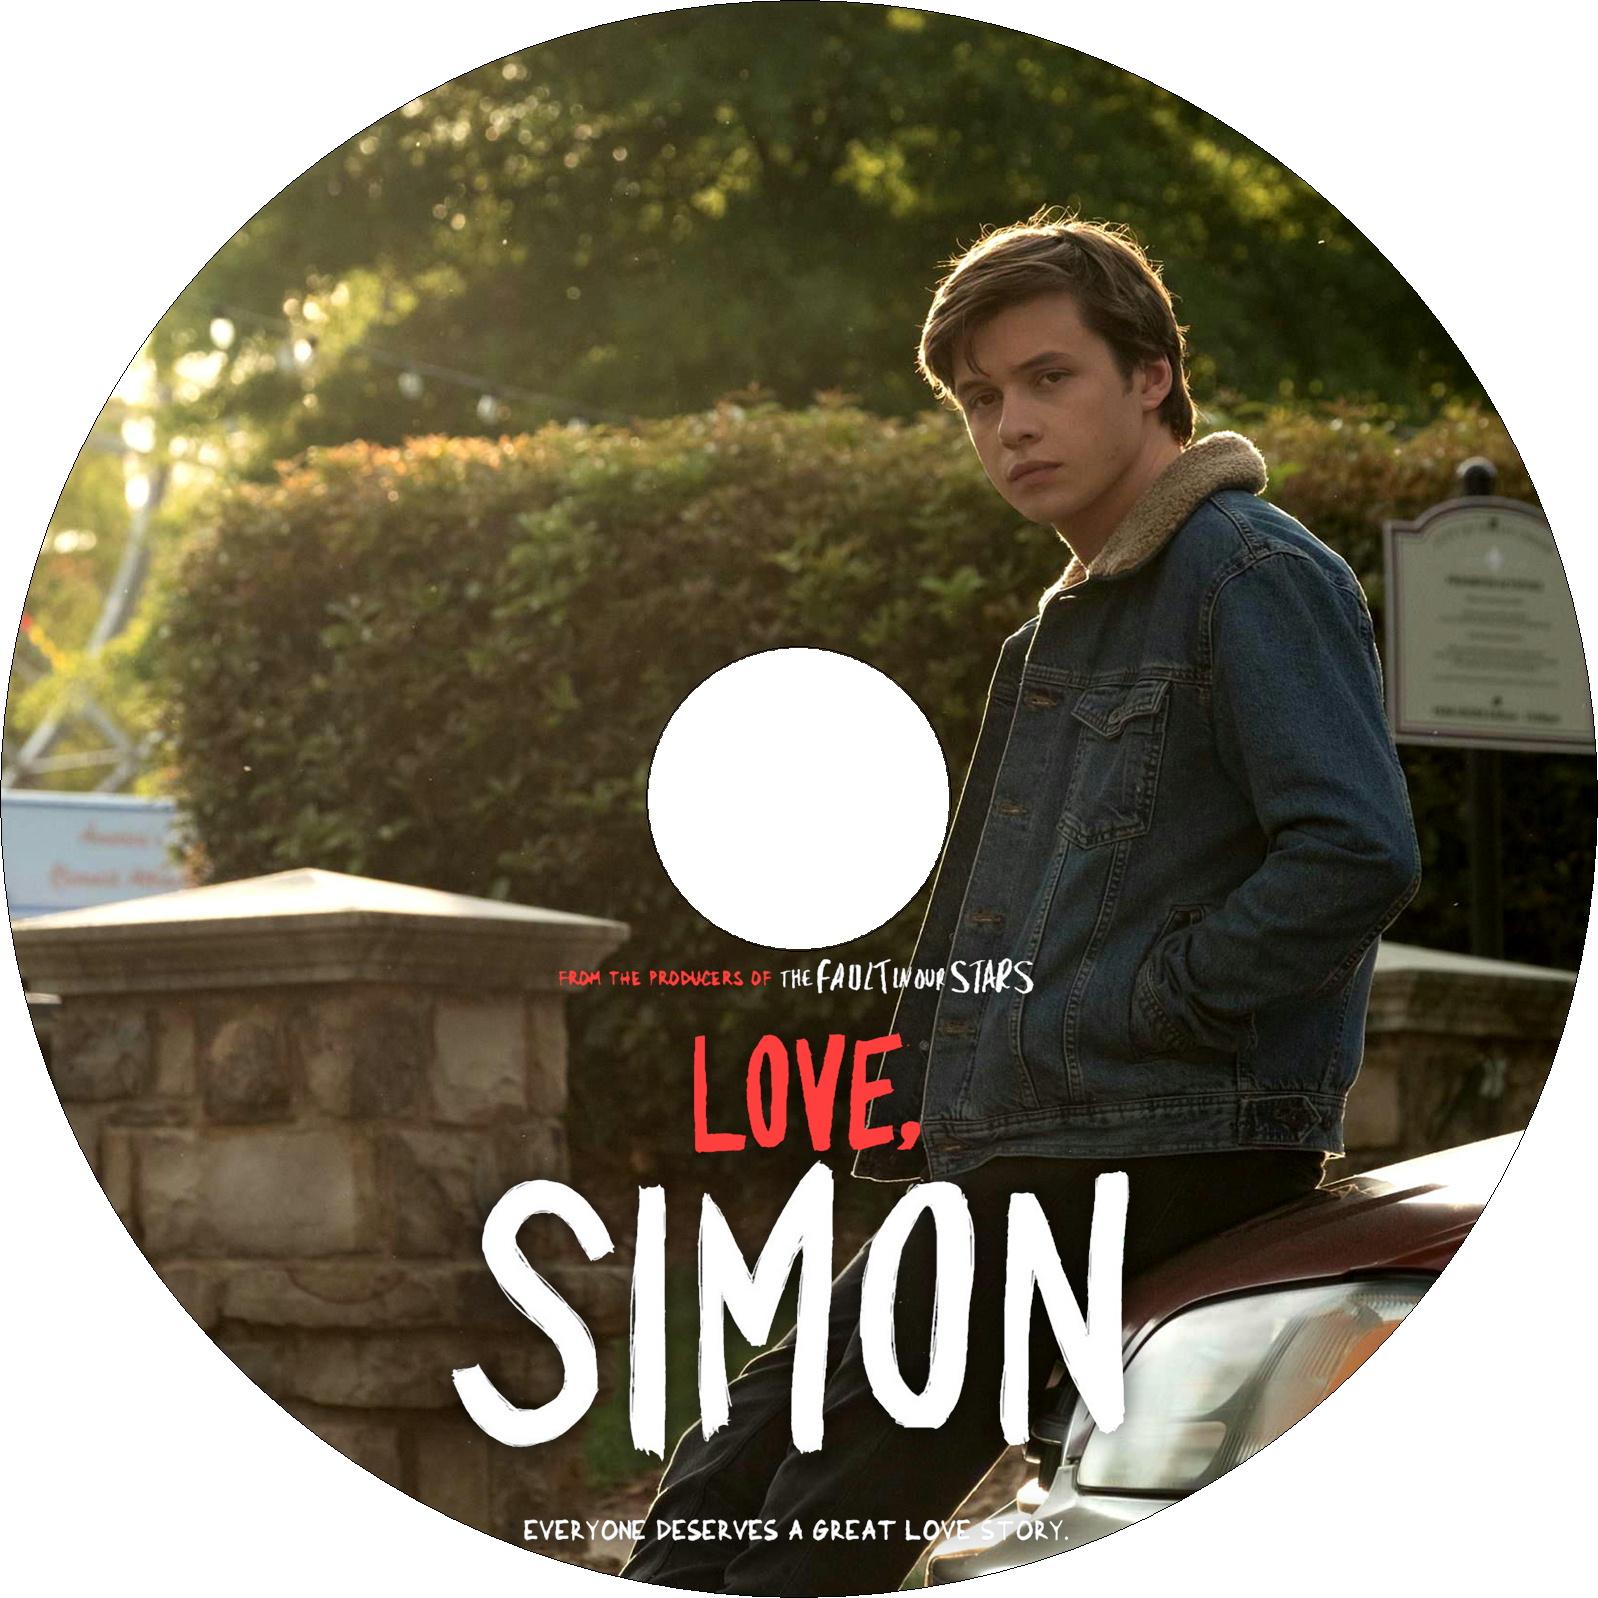 Love, サイモン 17歳の告白 ラベル